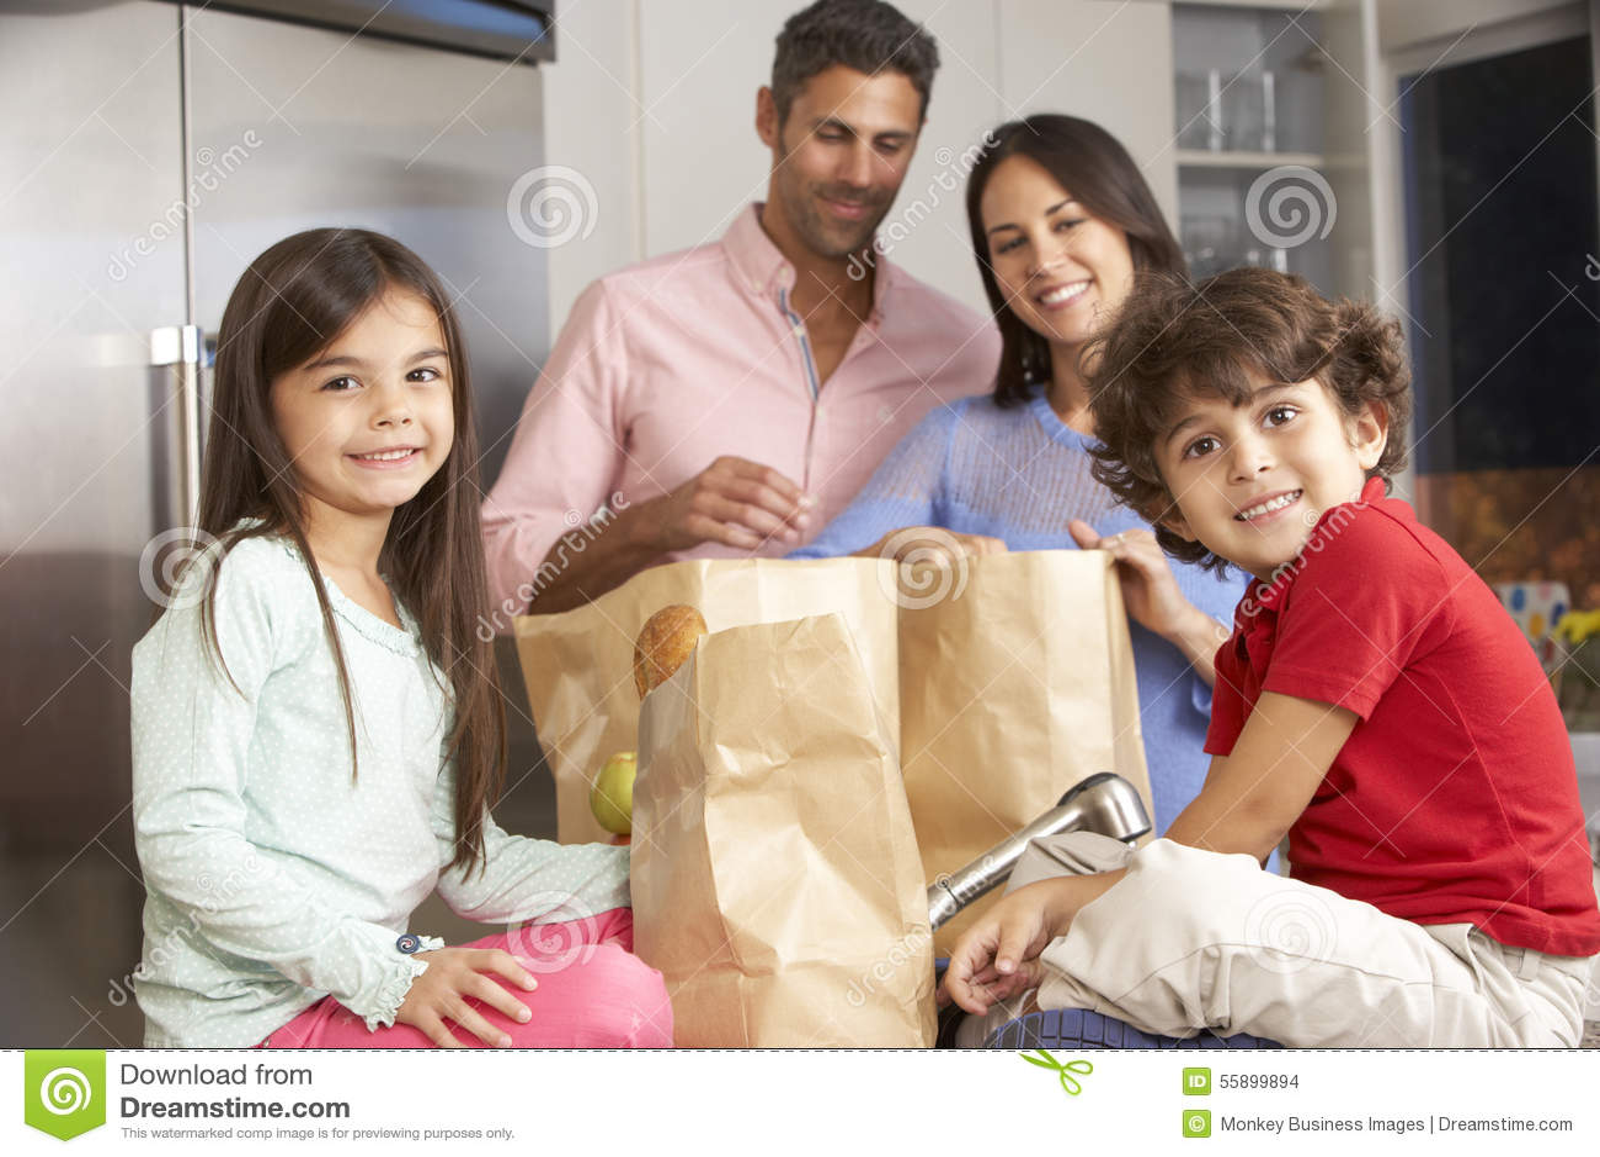 Familia que desempaqueta compras en cocina